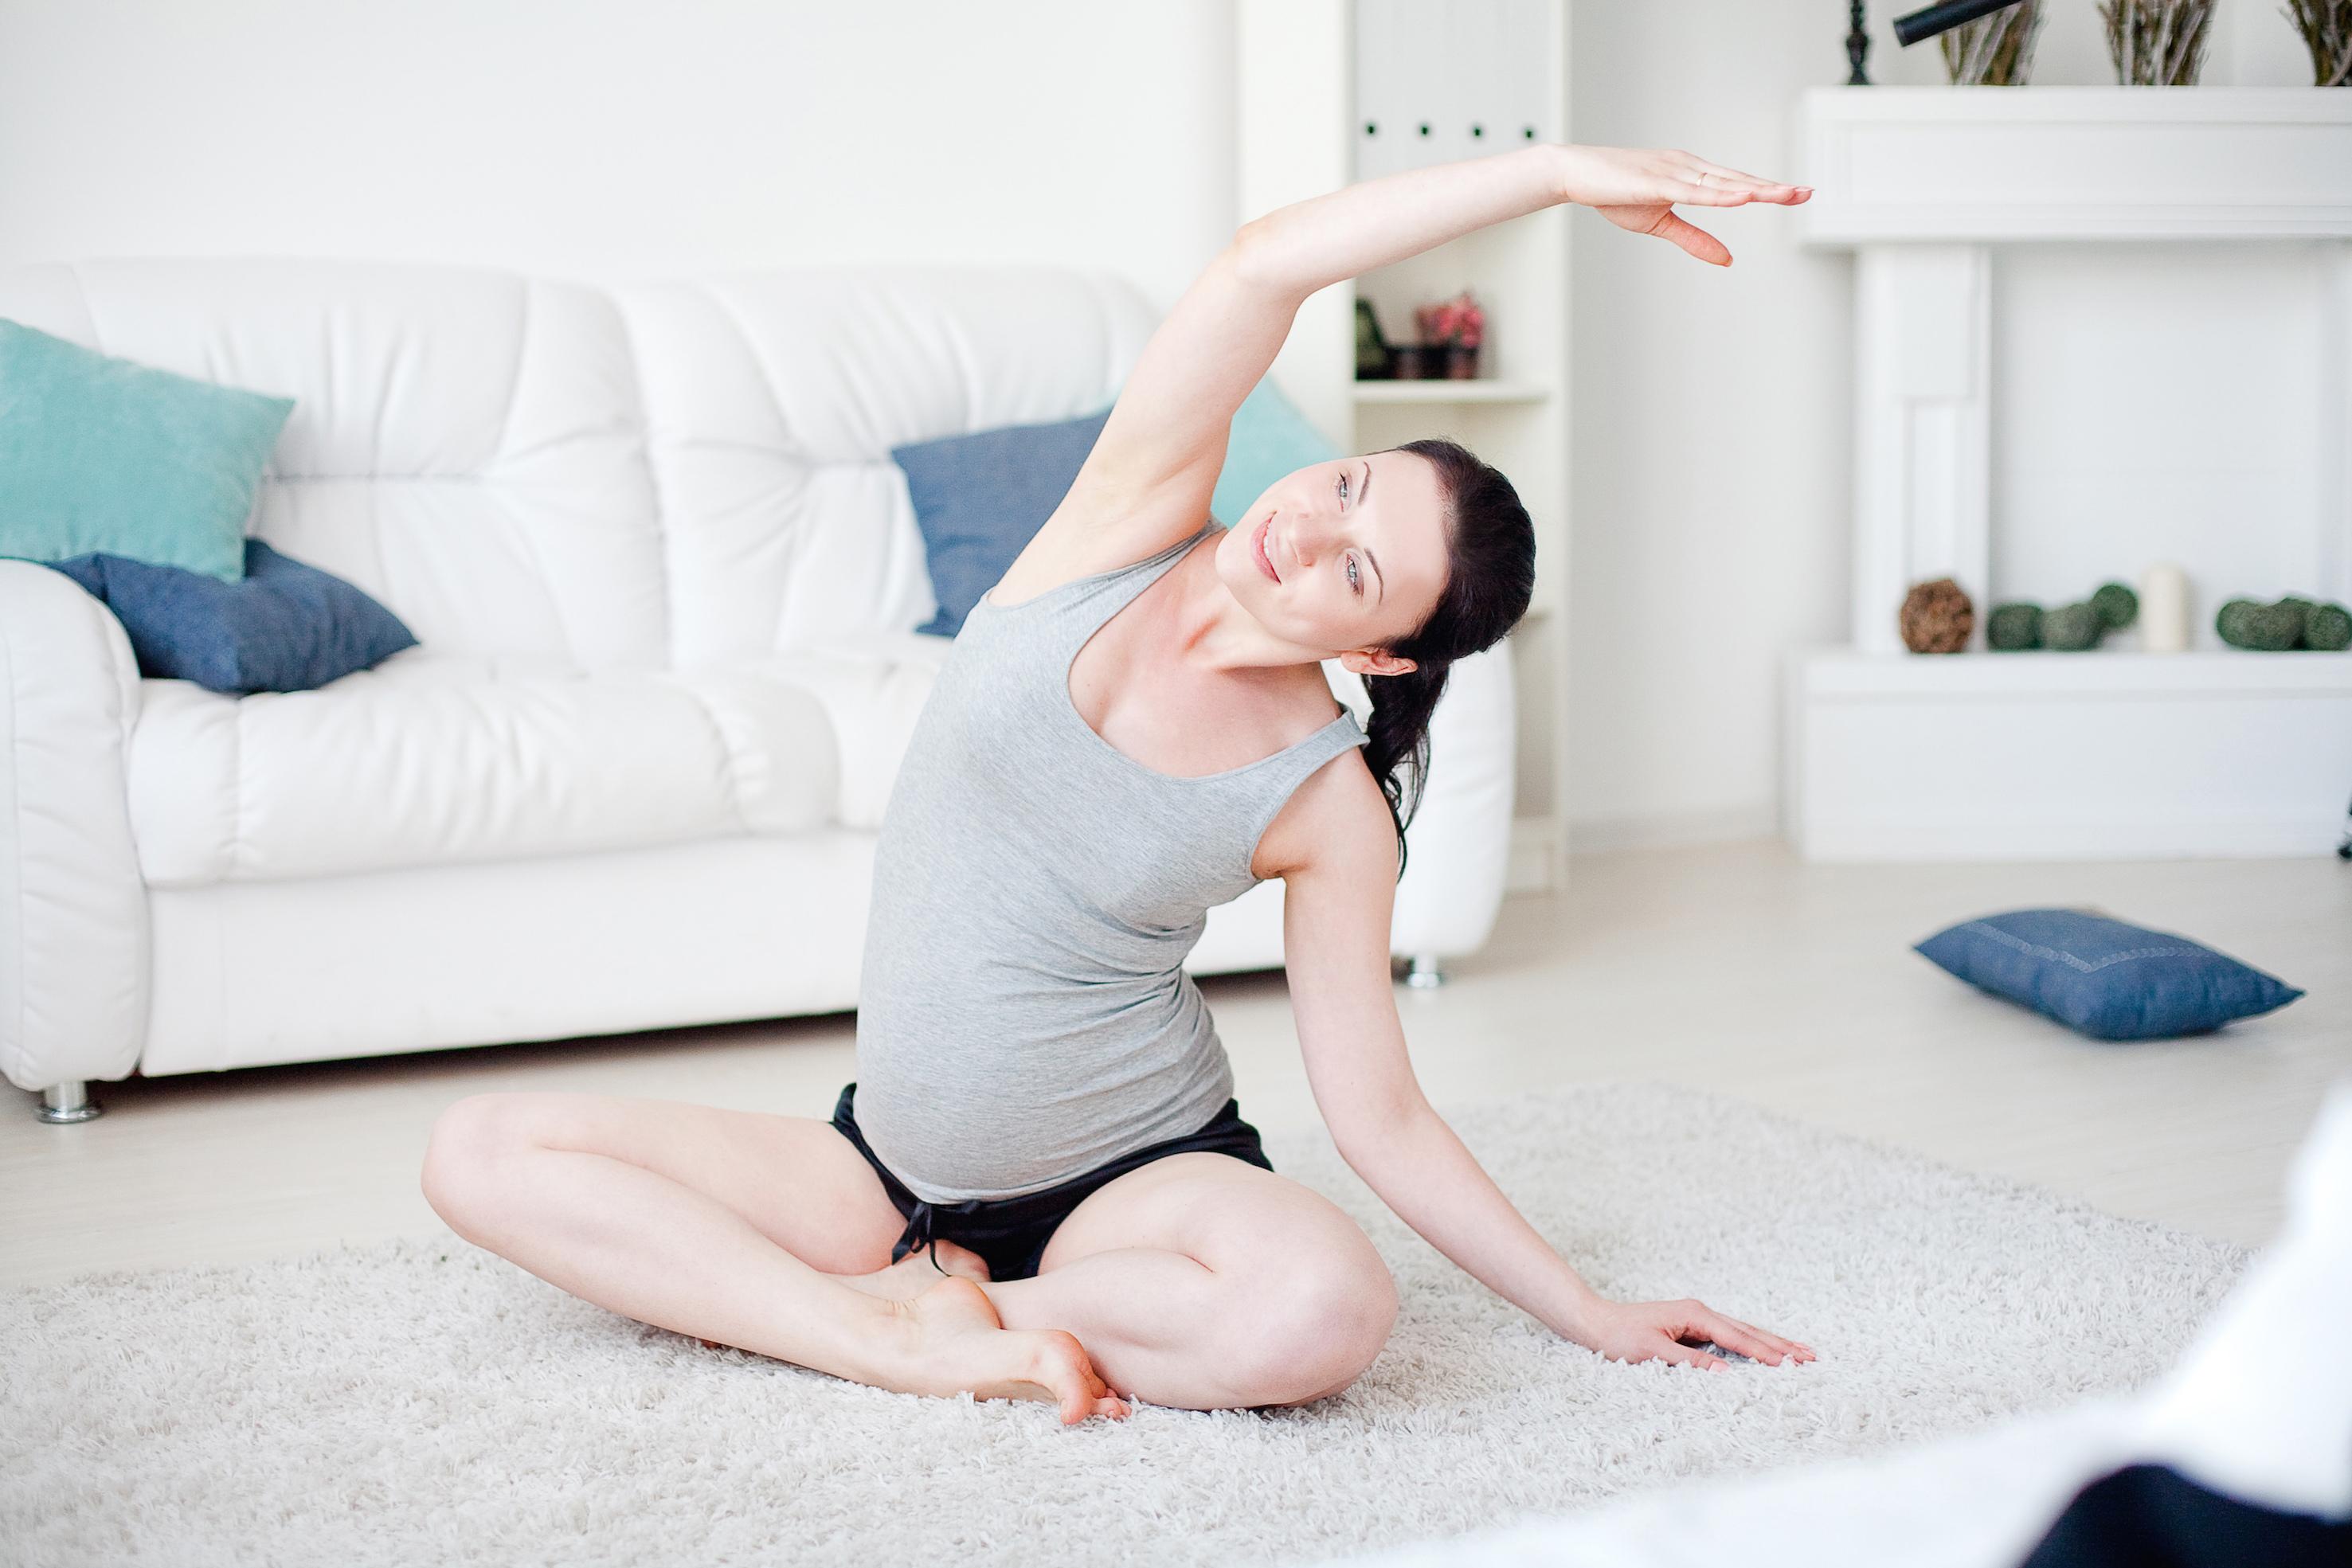 йога и домашняя практика